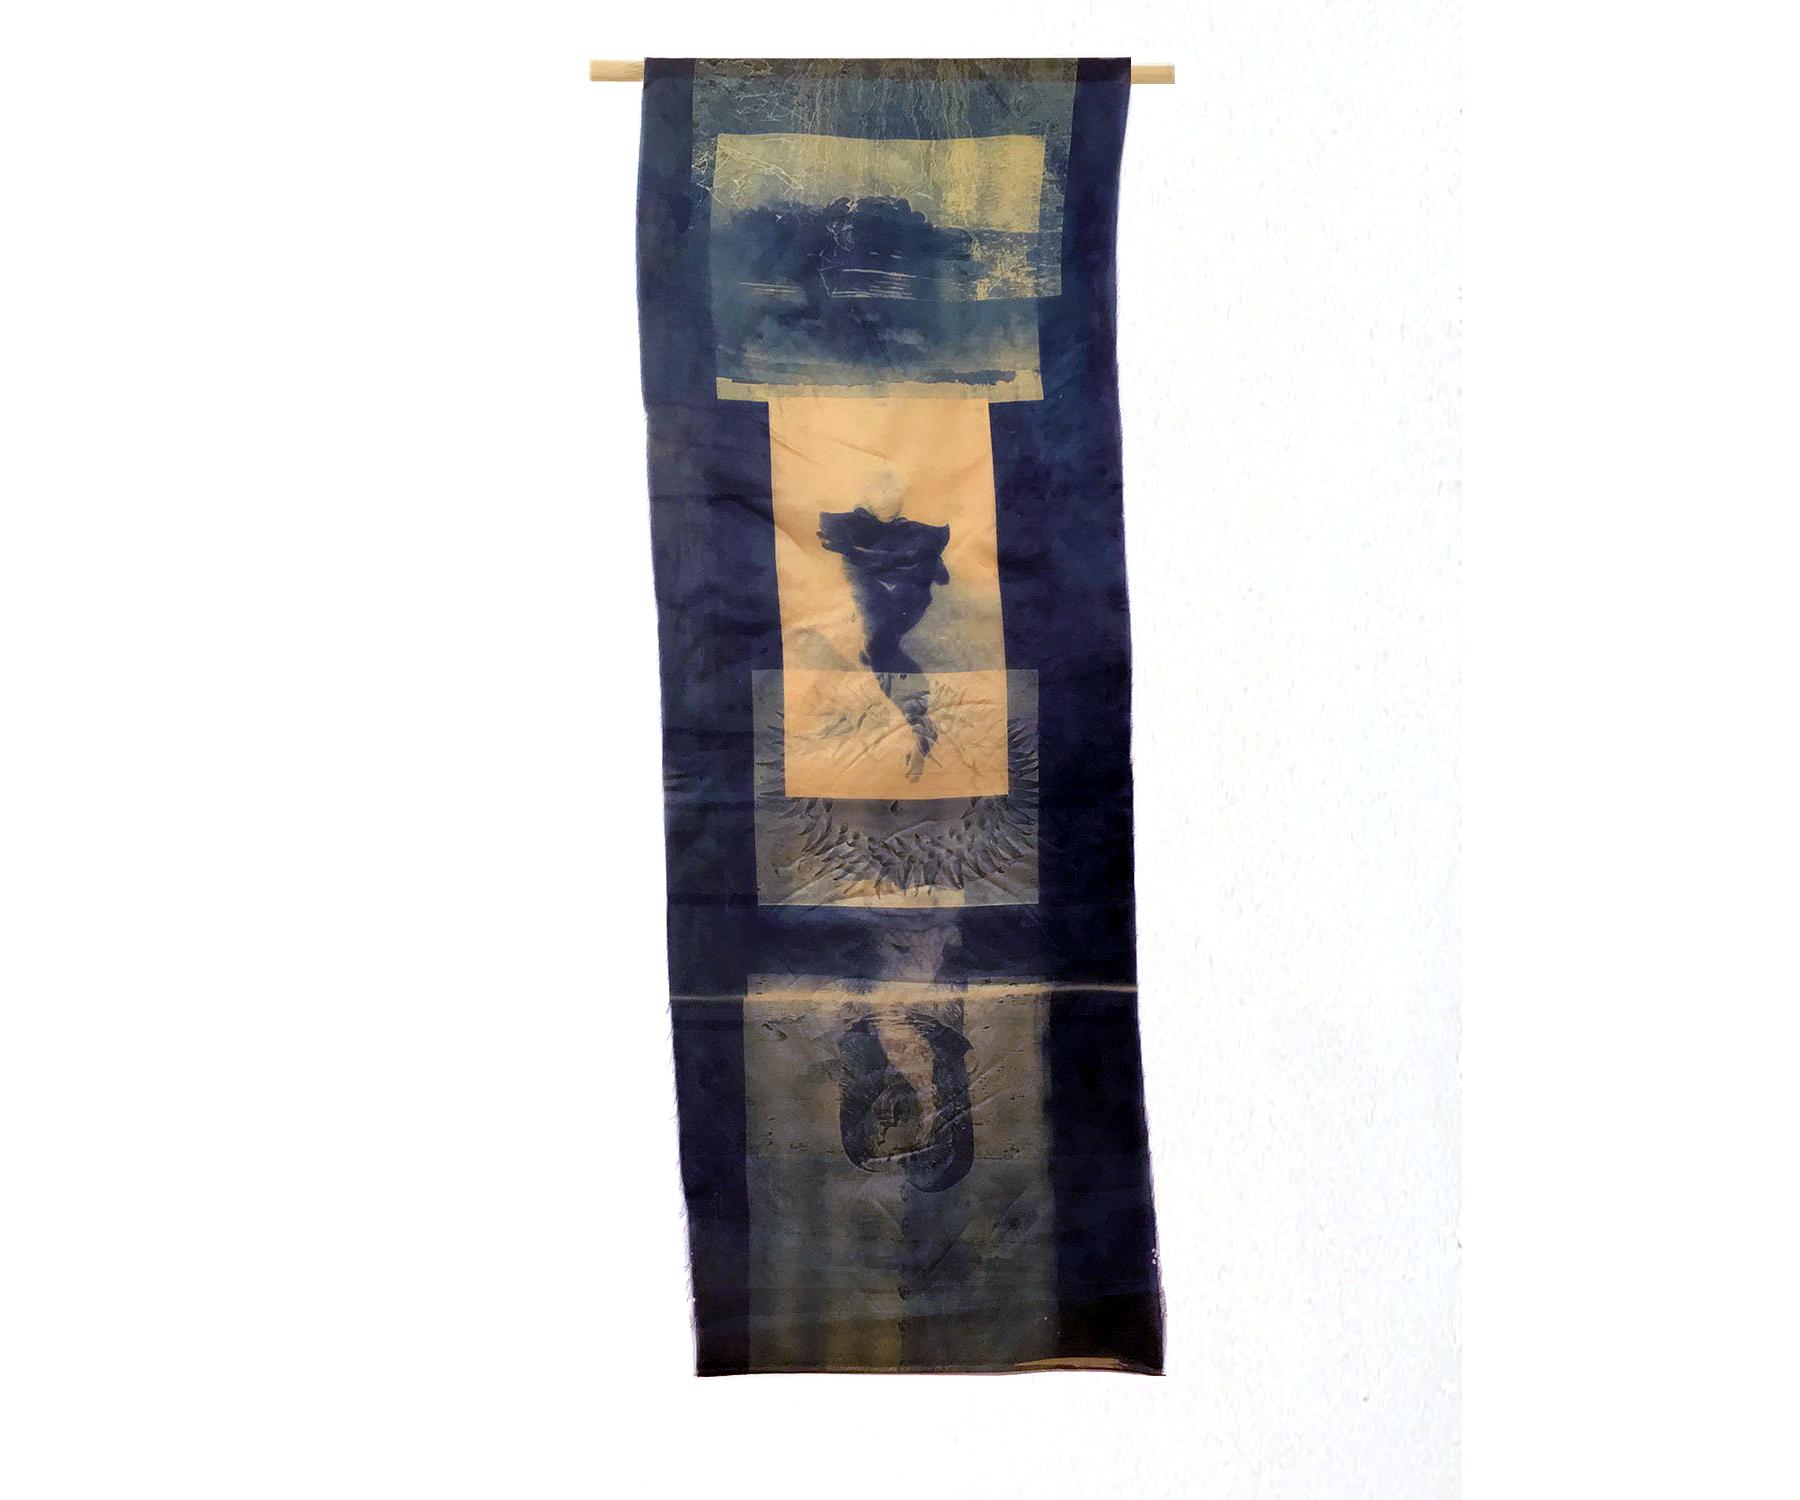 Woman/Water II, 1996, Cyanotype on Silk, 12 x 35